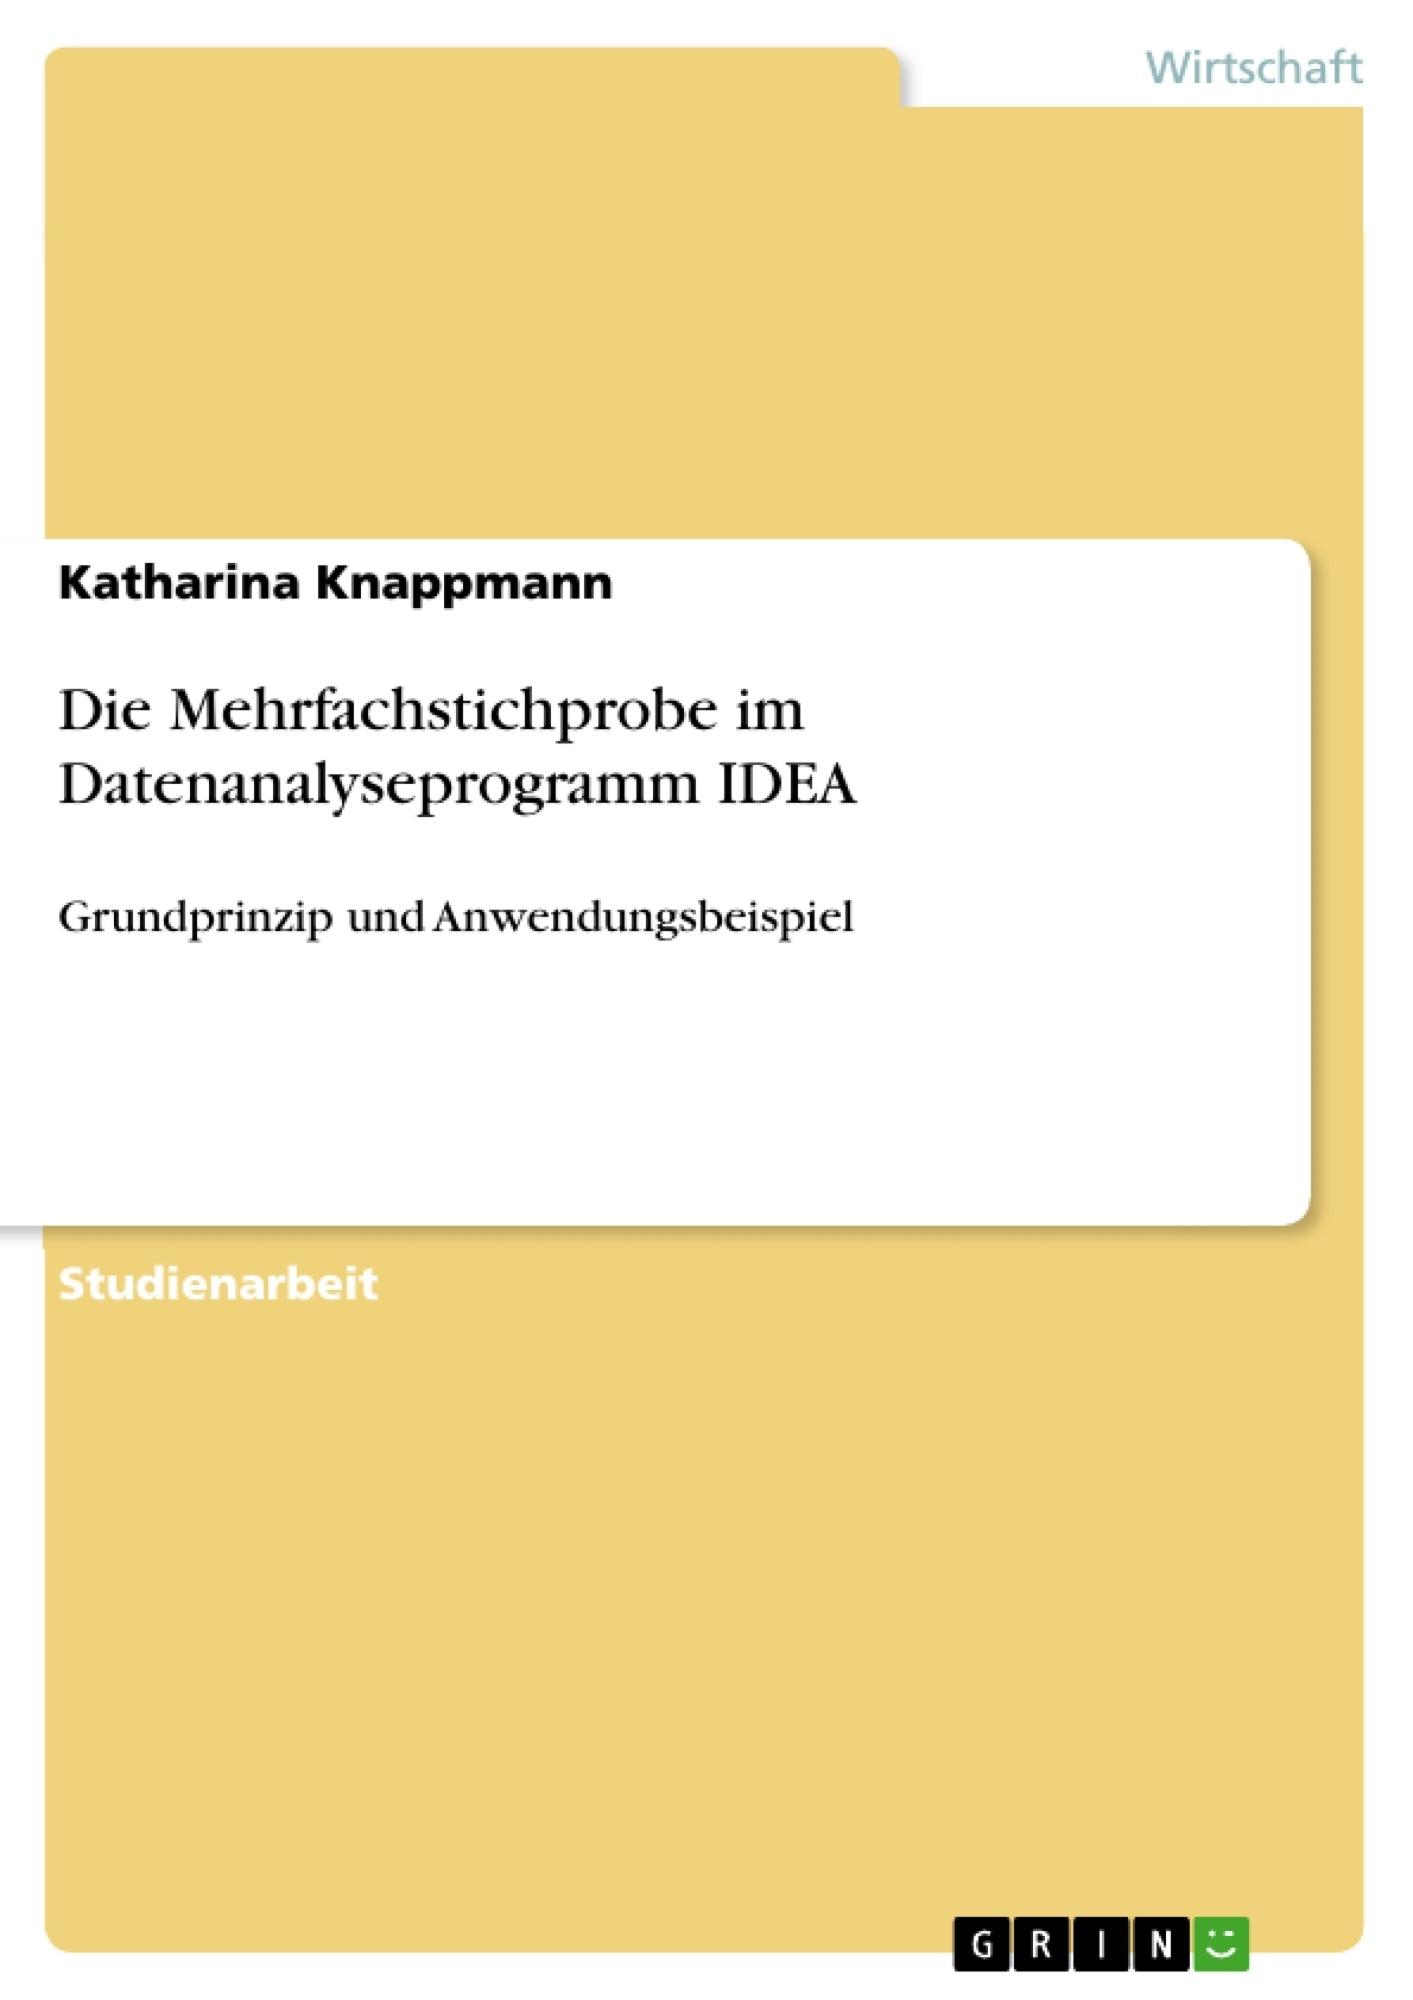 Titel: Die Mehrfachstichprobe im Datenanalyseprogramm IDEA